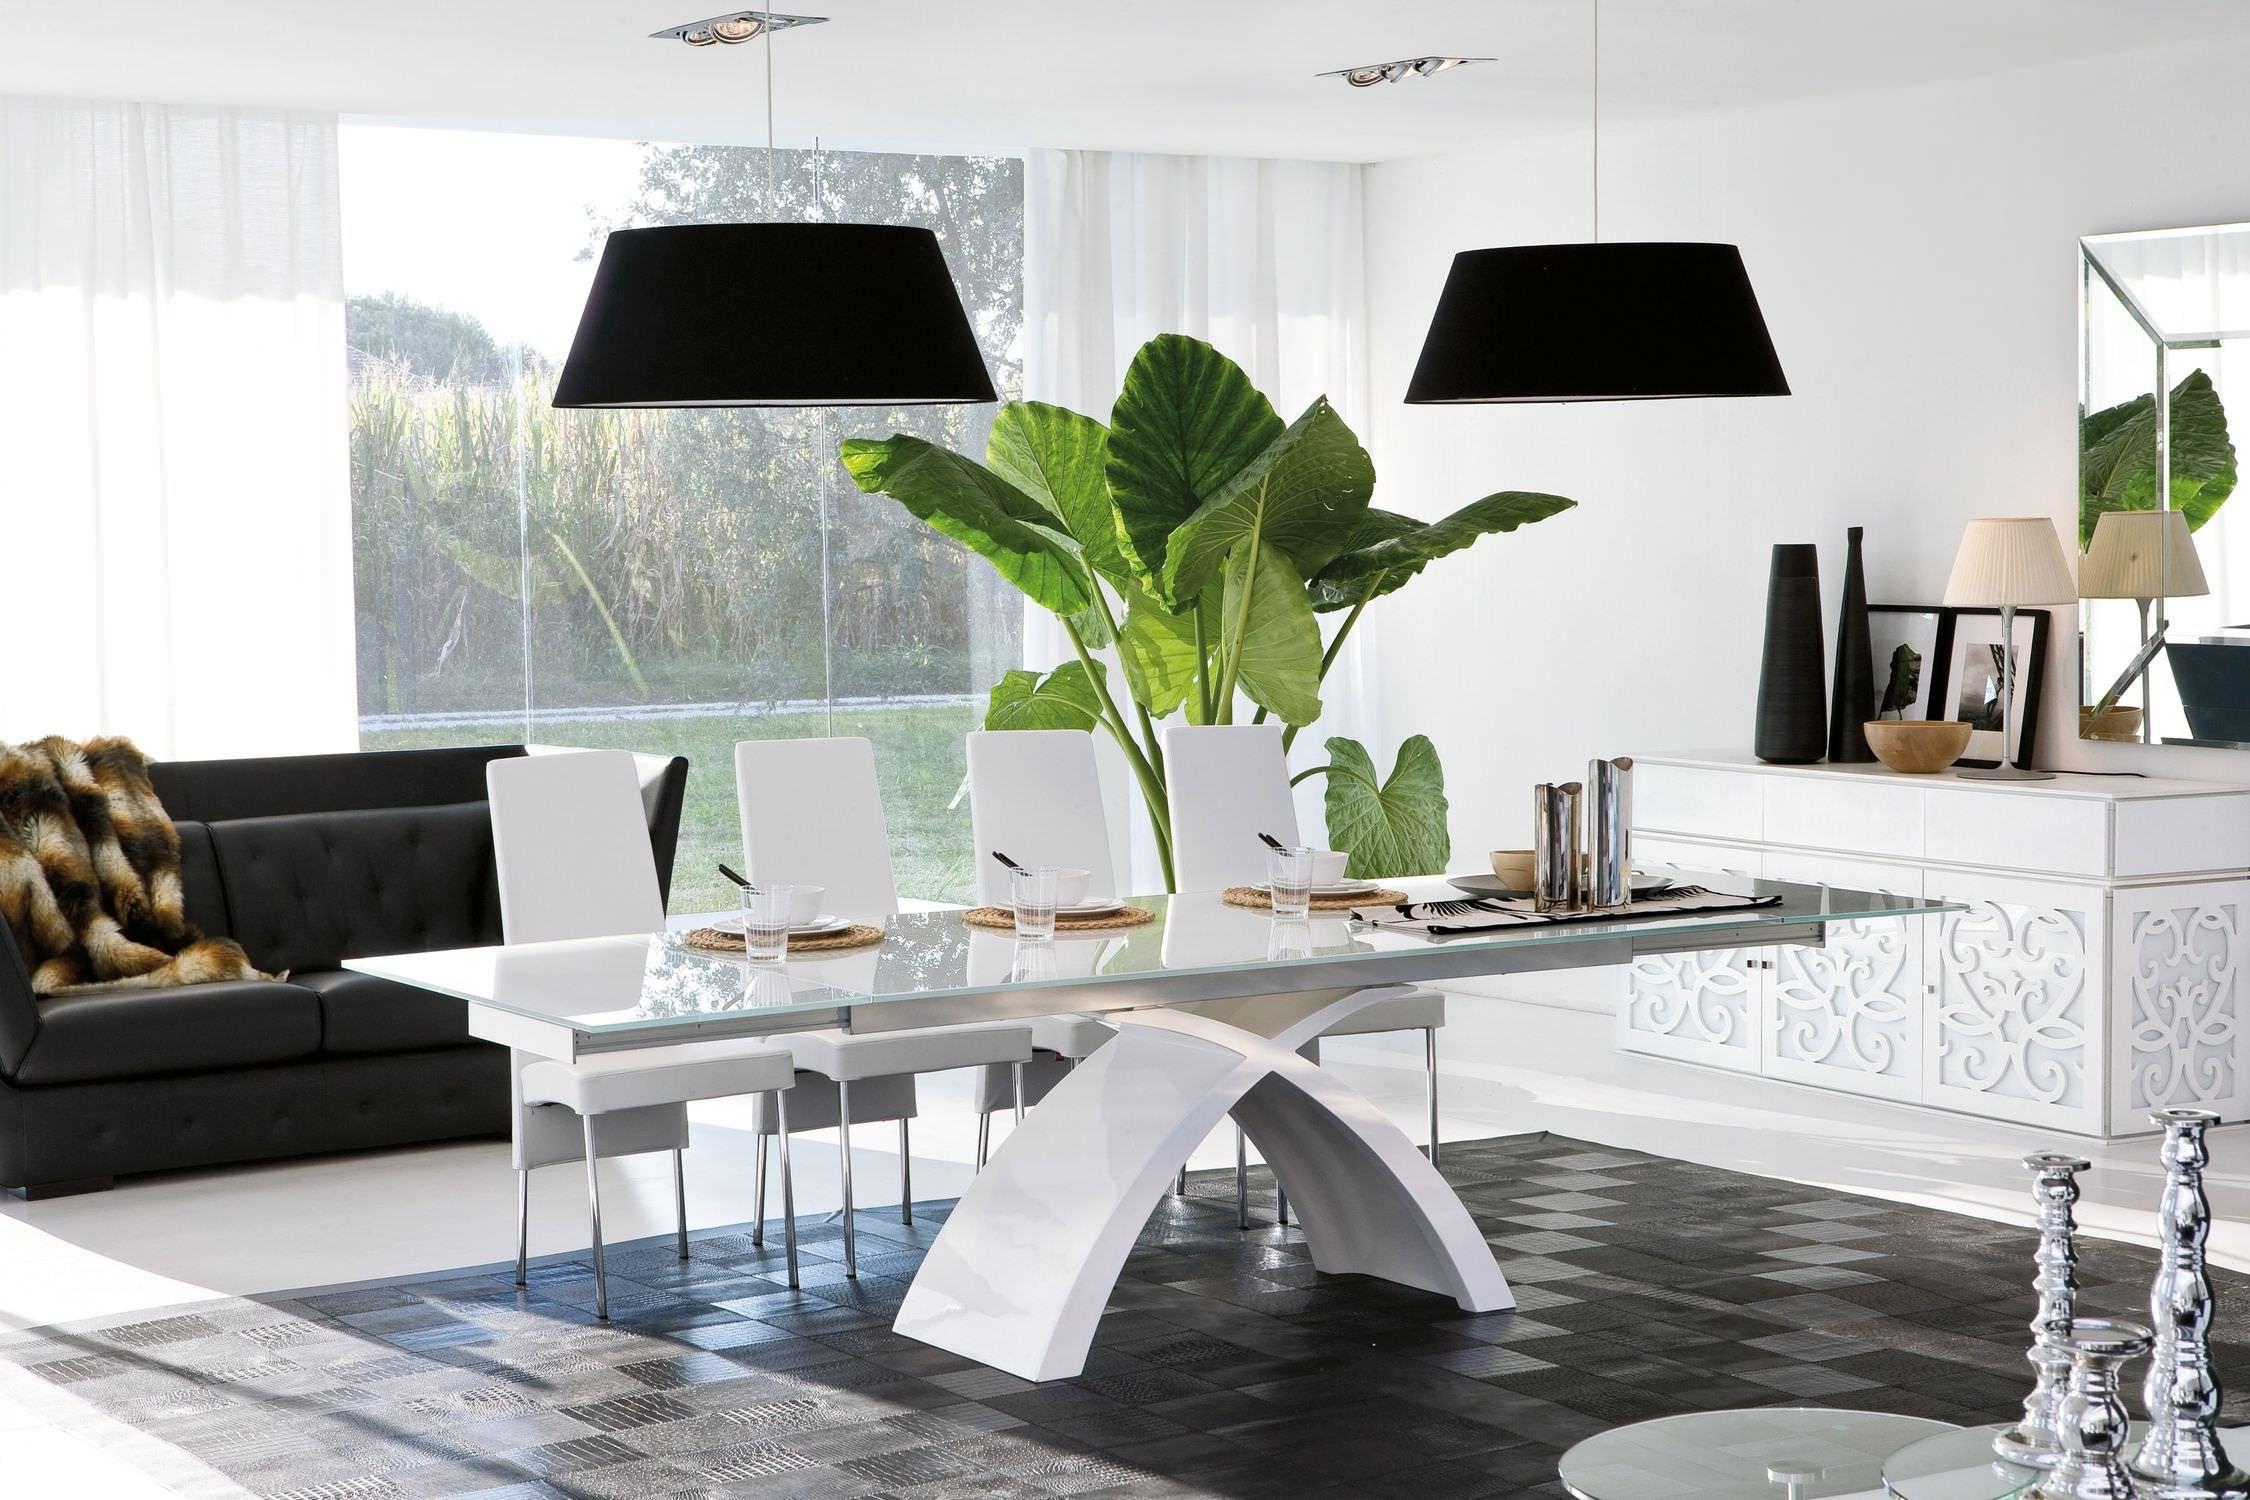 Styles von Küche Ess Sets Sollte Man sich ansehen Badezimmer Ein ...